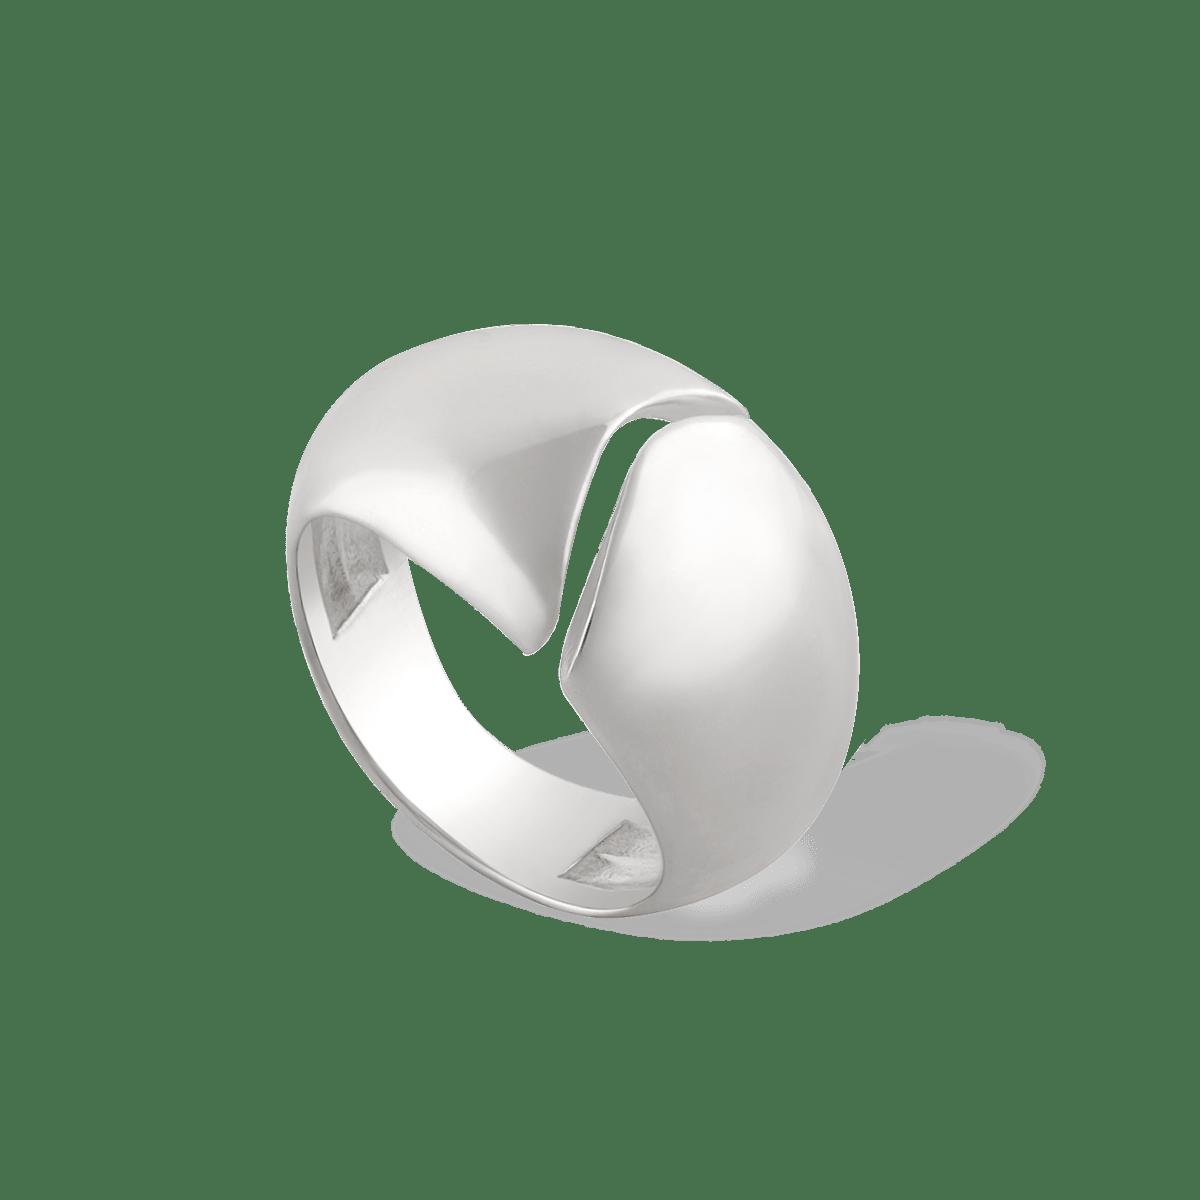 انگشتر نقره اطلی Atlas کوچک